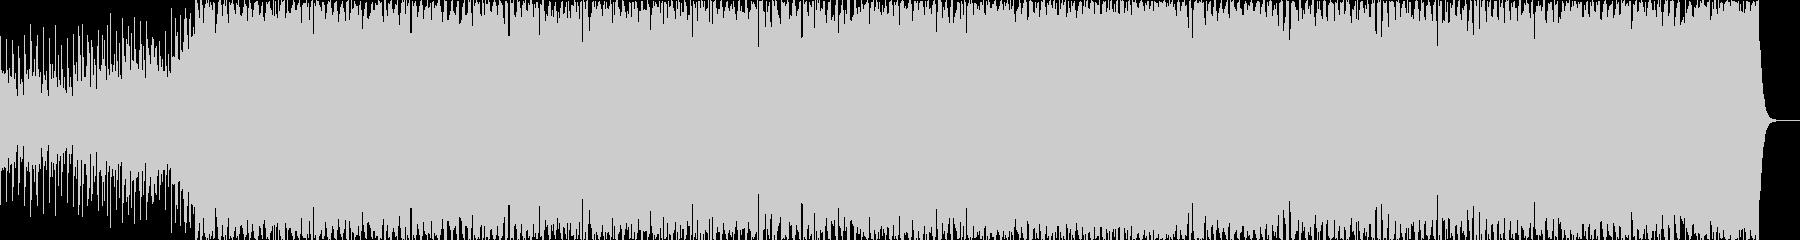 ノリの良いのフェス系EDMの未再生の波形